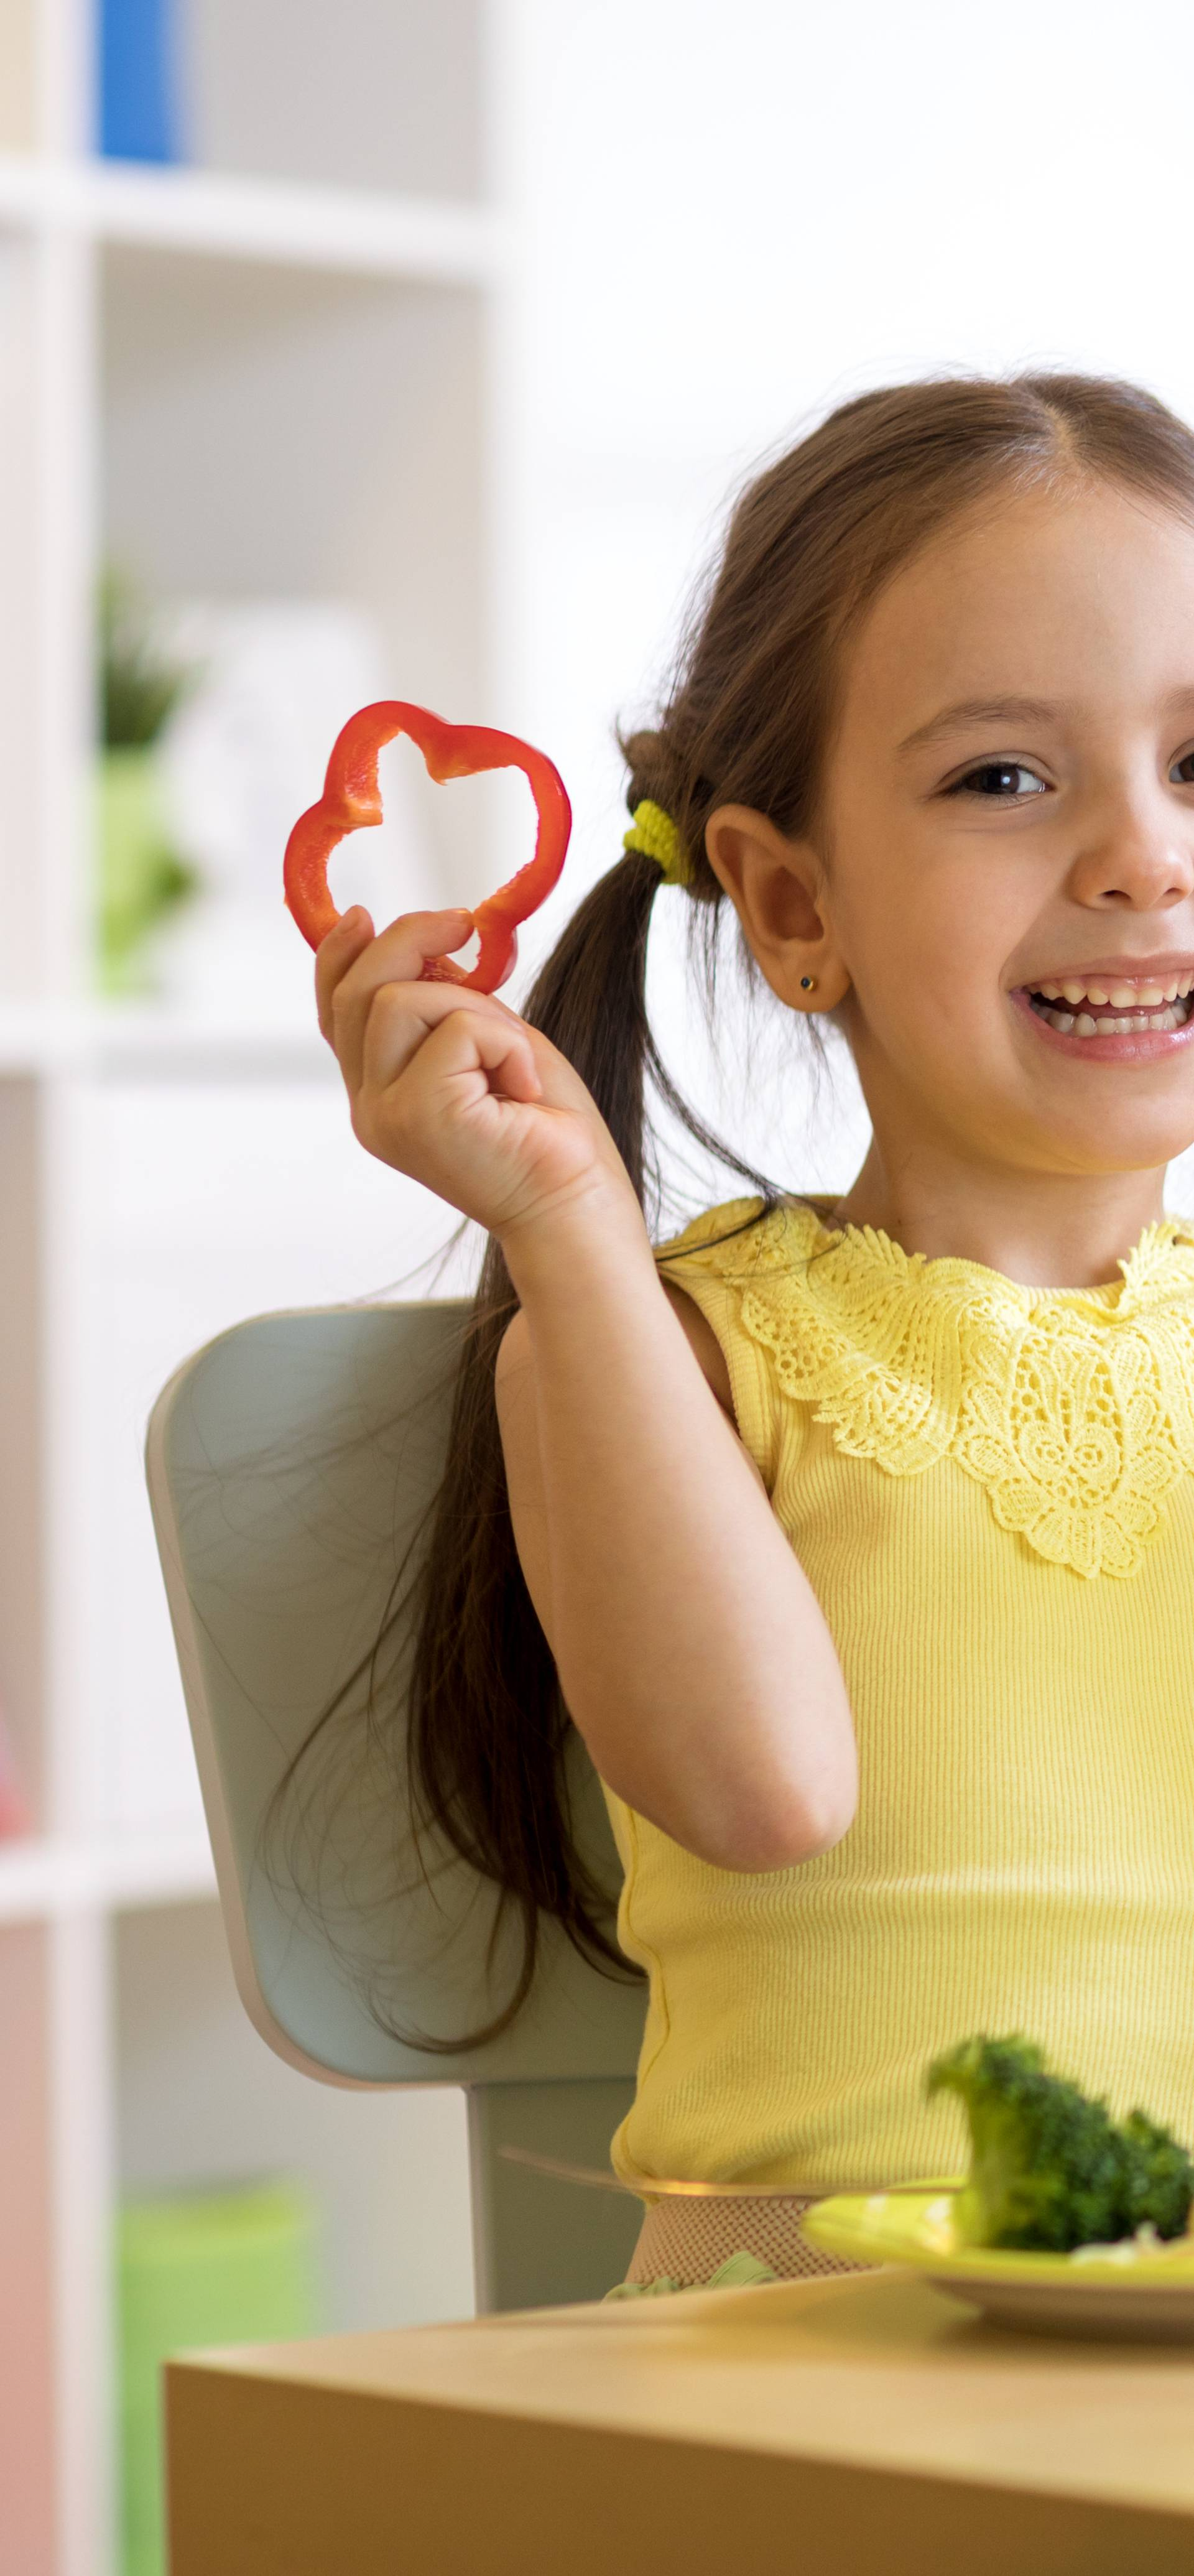 Malu djecu treba potaknuti da kušaju nove i drugačije okuse